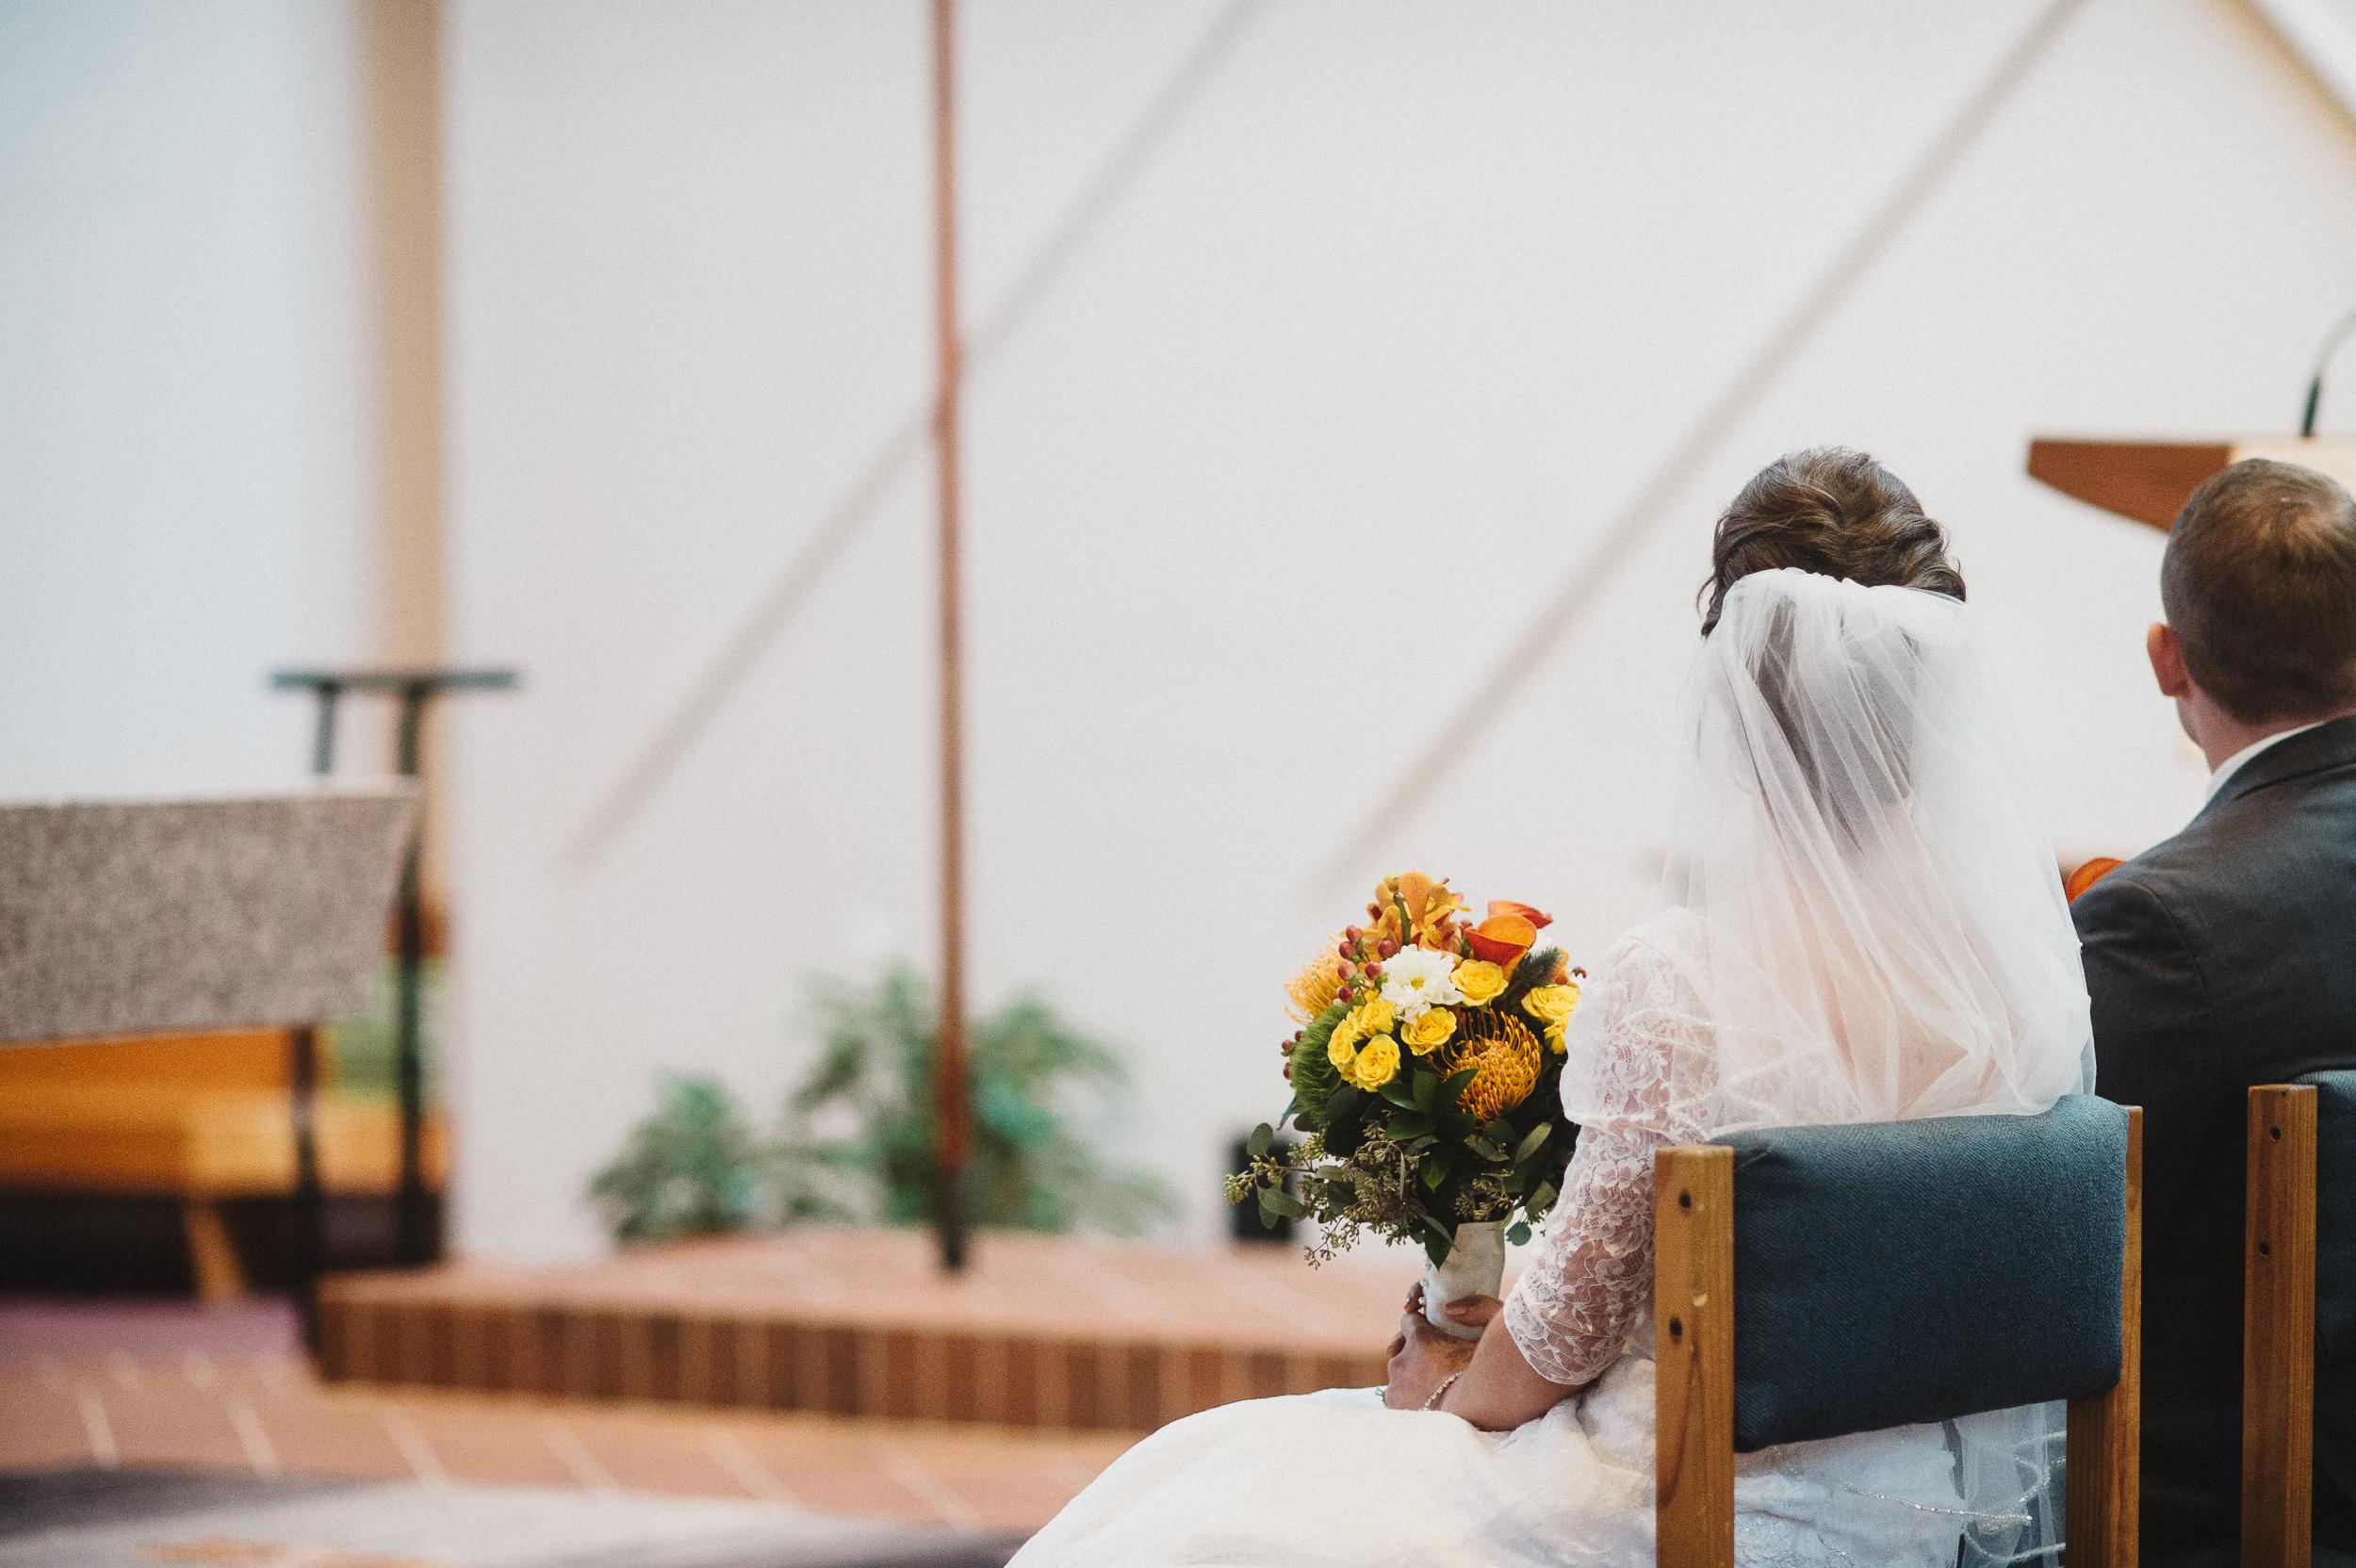 thousand-acre-farm-wedding-photographer-25.jpg